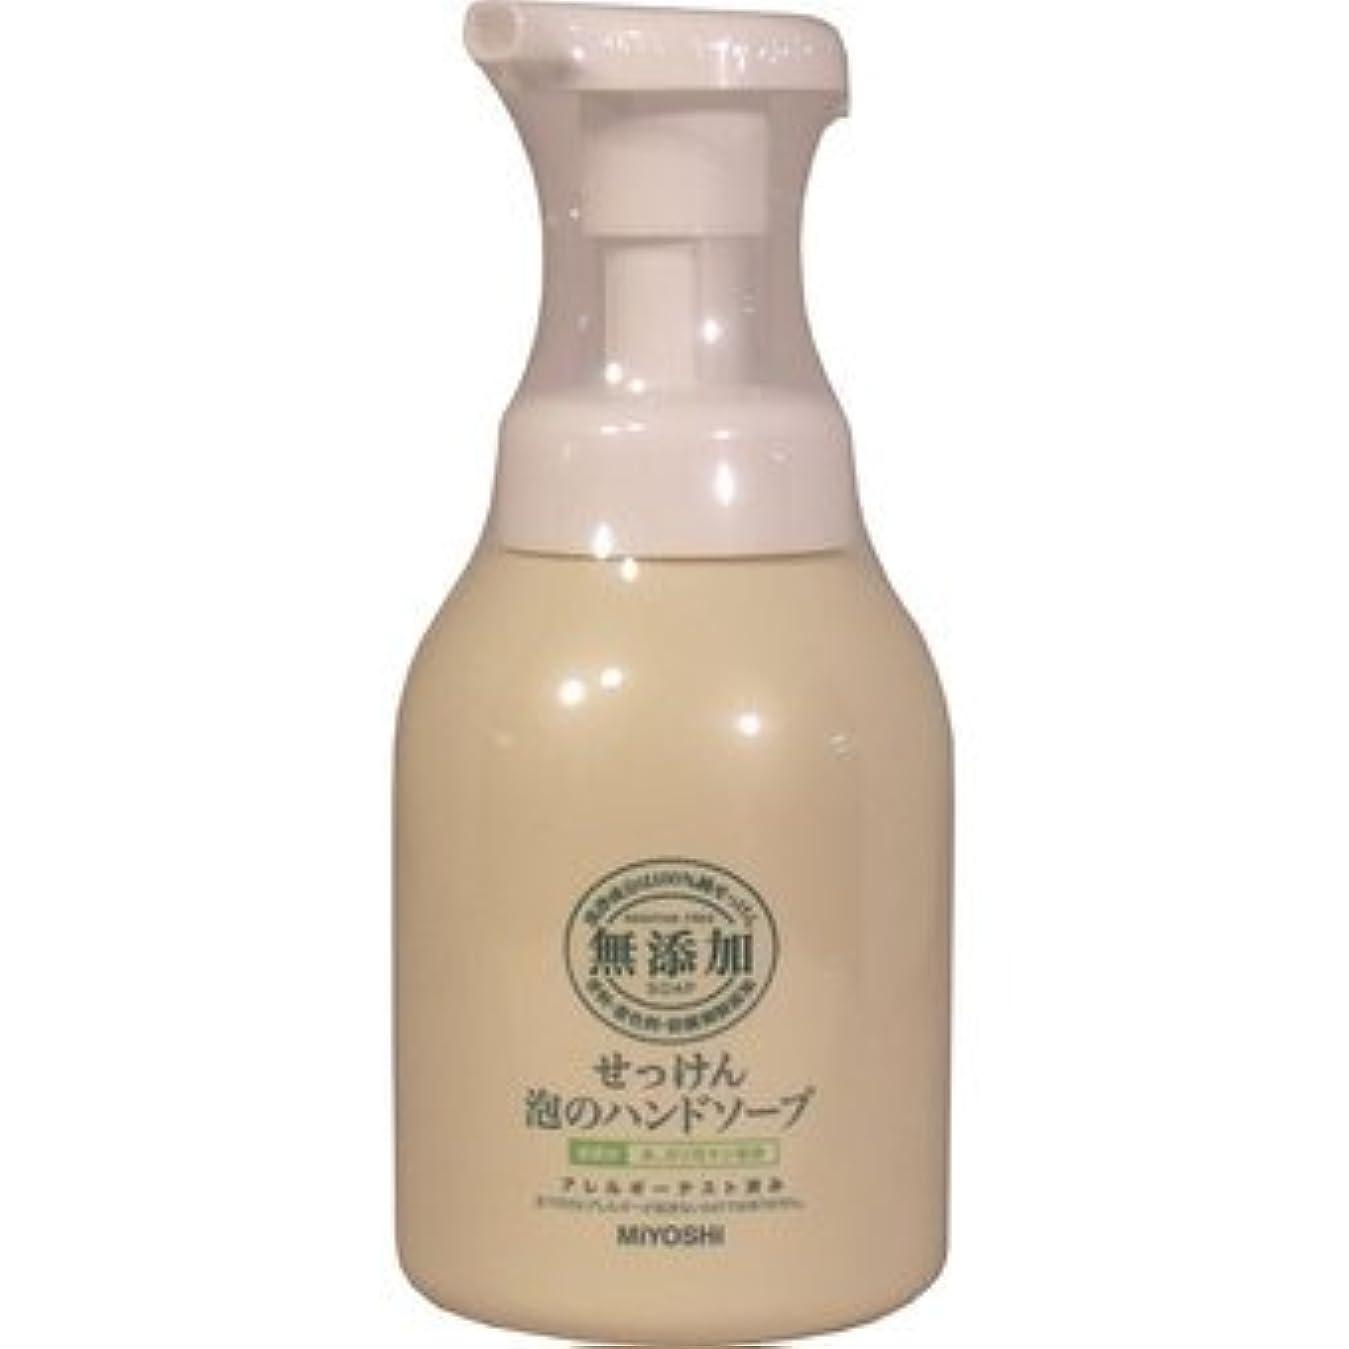 数学的なクリーナーメガロポリスミヨシ石鹸 無添加 せっけん 泡のハンドソープ 250ml(無添加石鹸)×24点セット (4537130100677)